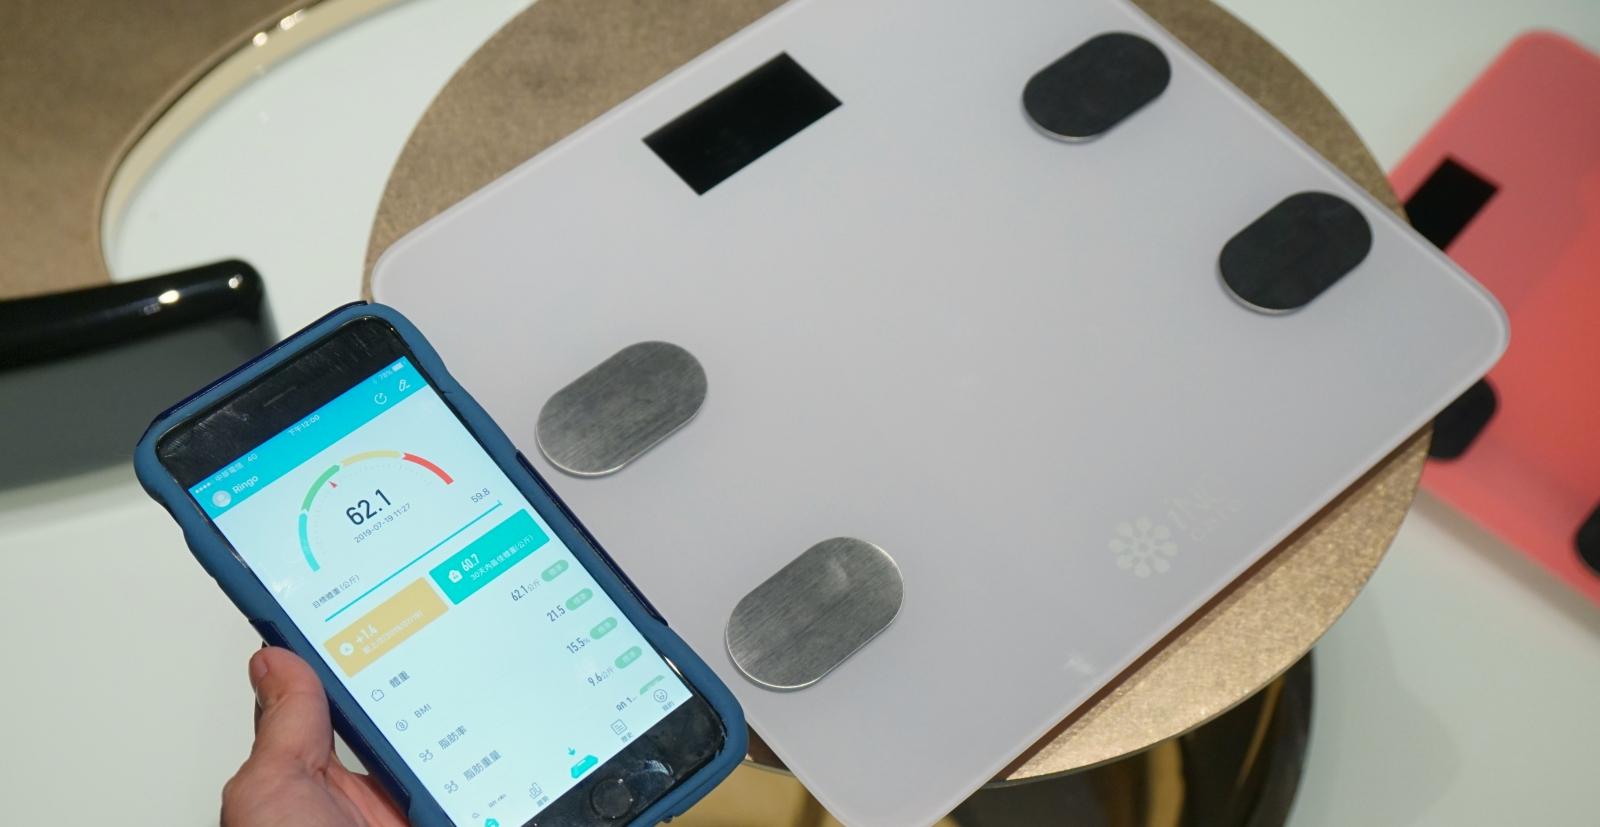 體重、體脂、骨量都可量!iNO 智慧體重計 8/11 前優惠價 790 元